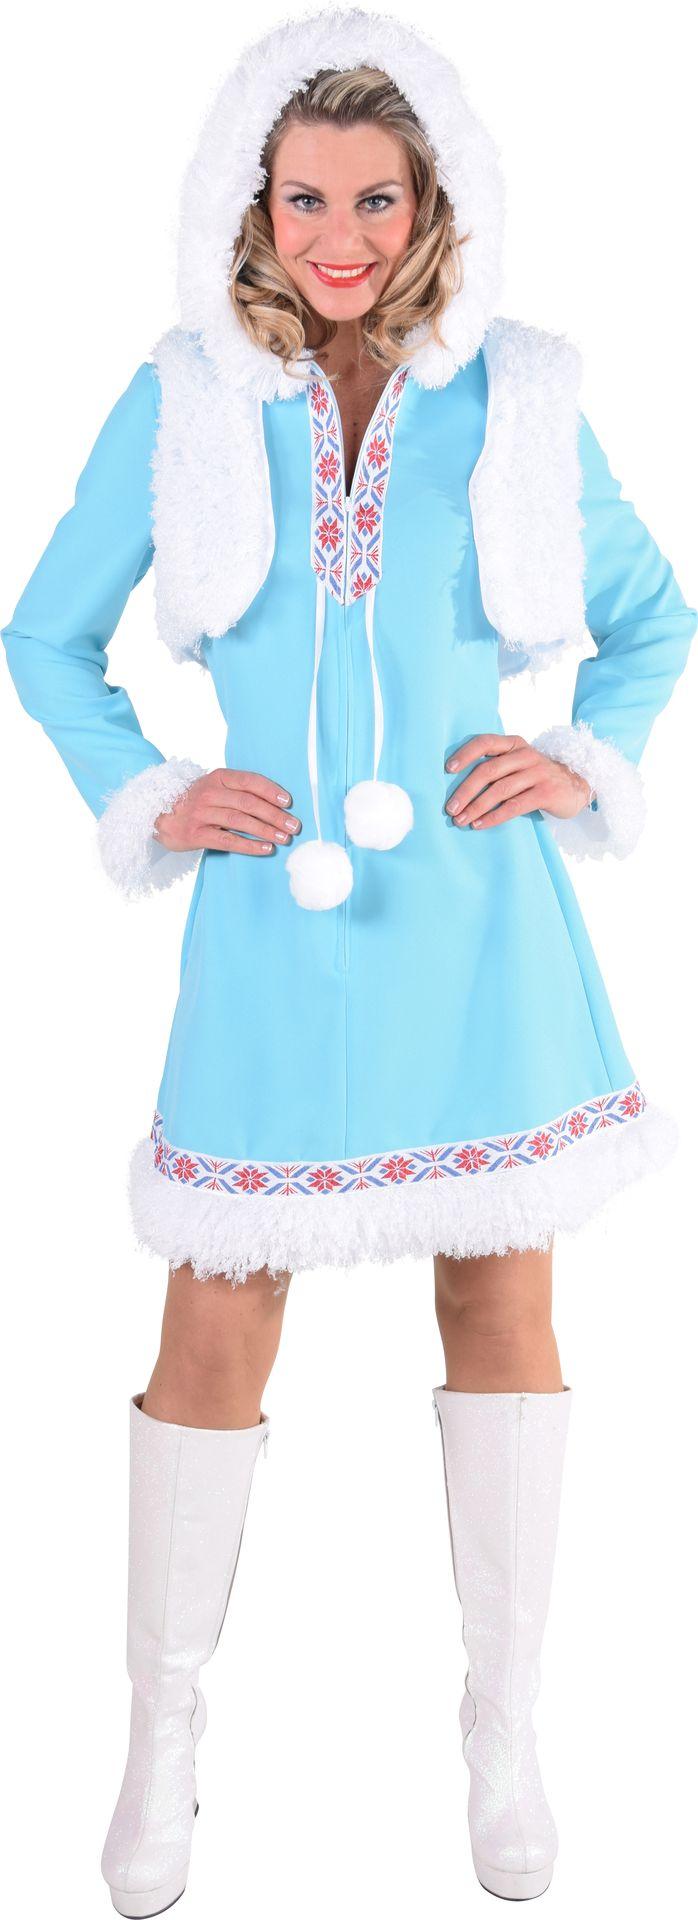 Blauwe eskimo jurk dames